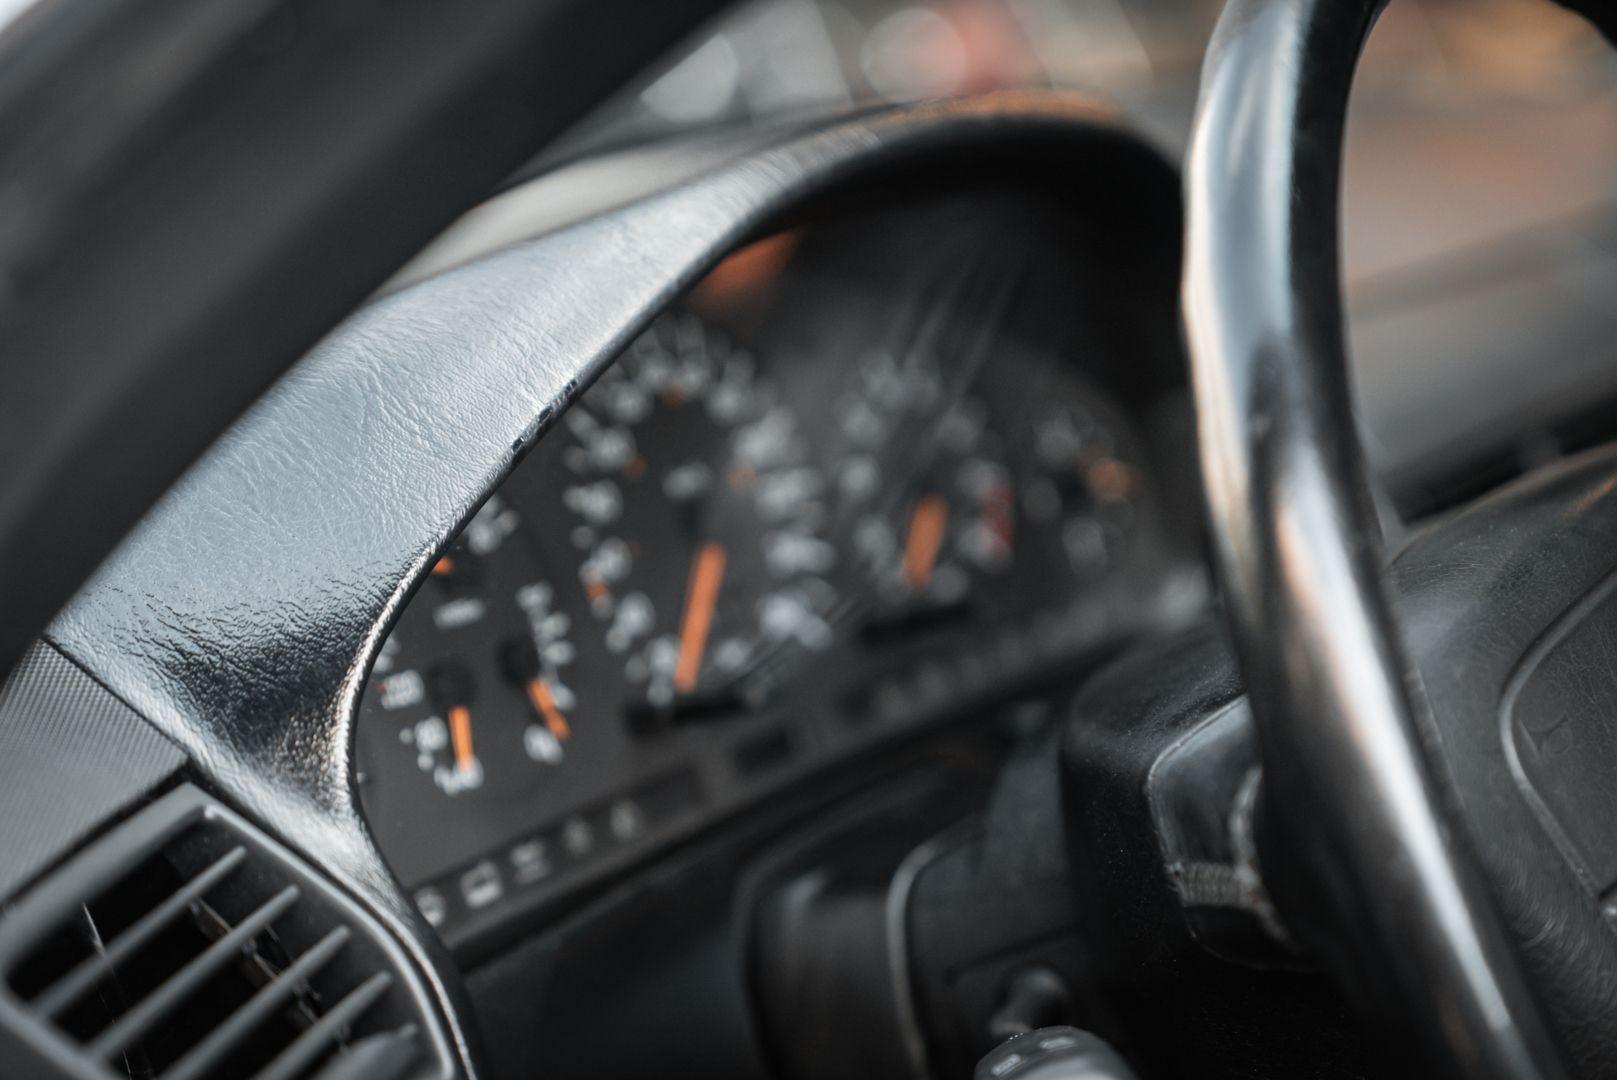 1992 Mercedes Benz 300 SL 24 V 80629